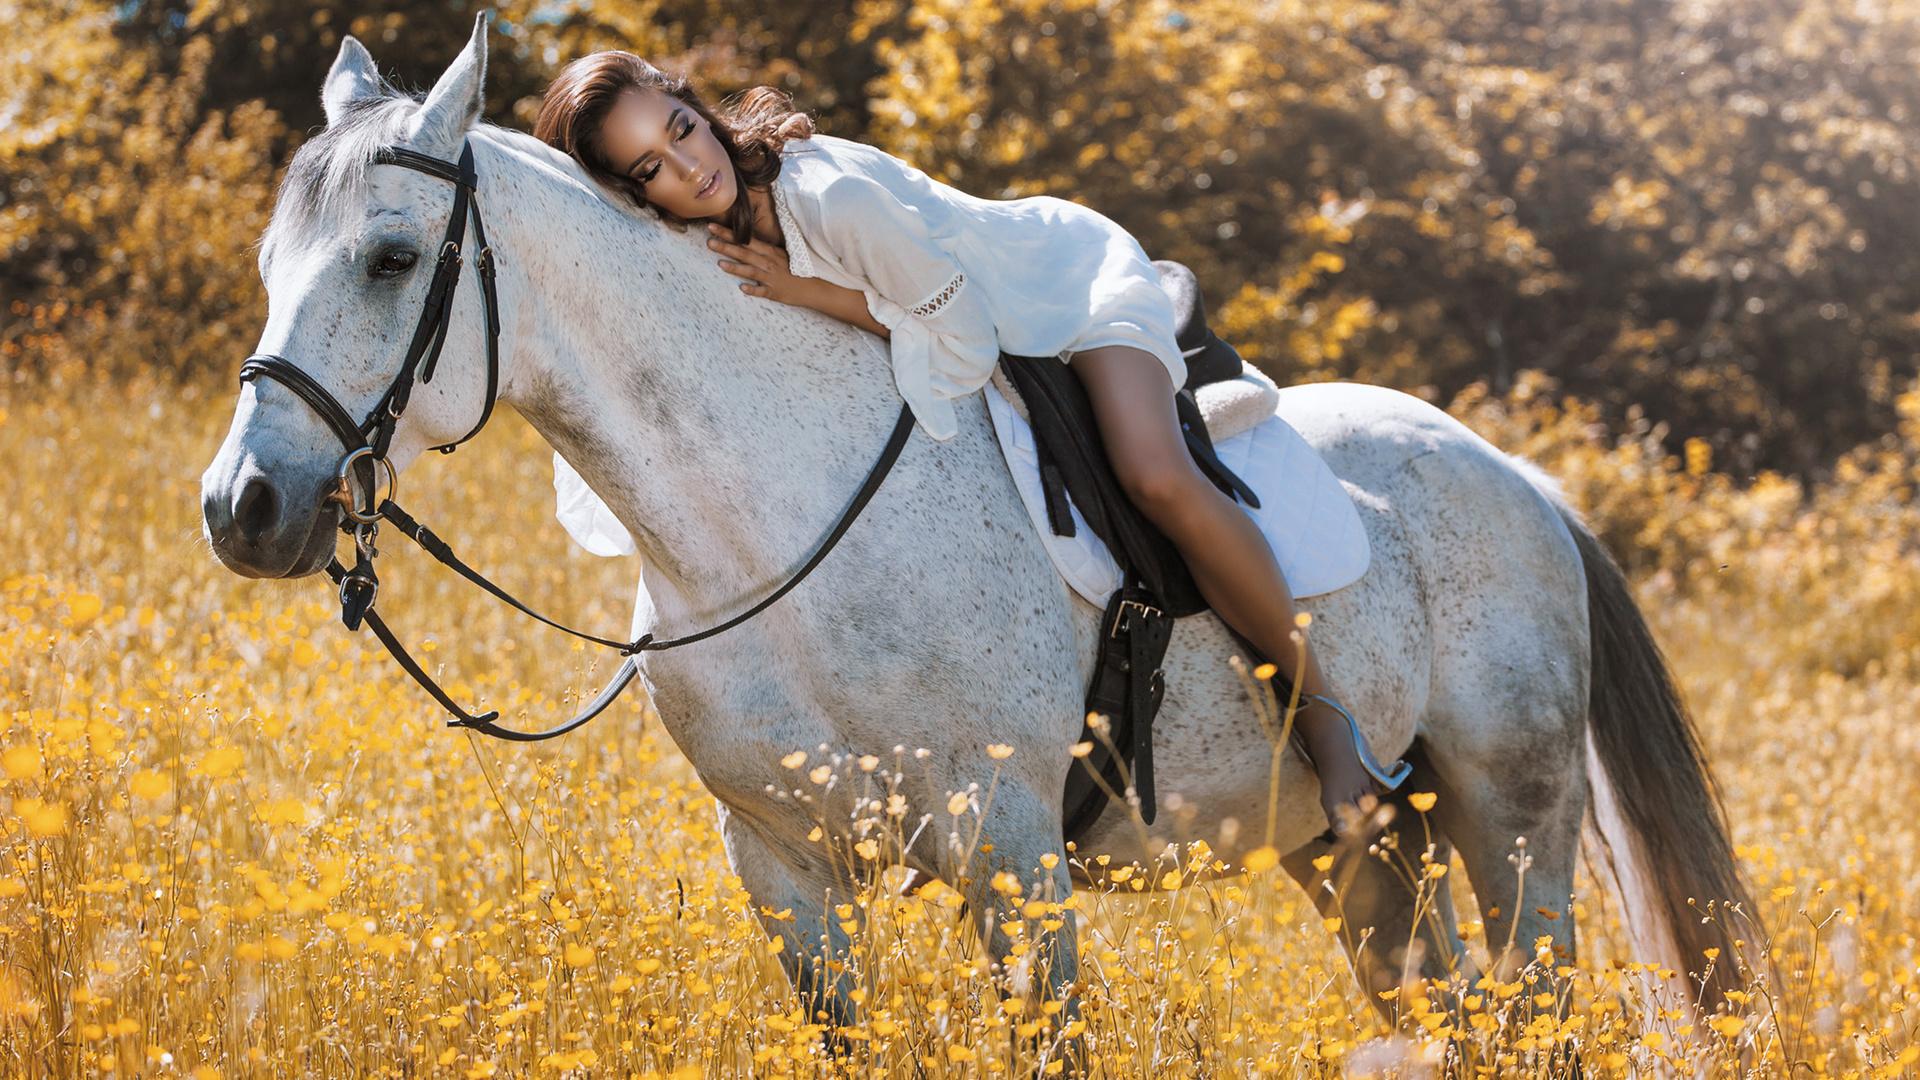 создать картинки с лошадьми применения тщательно вымыть